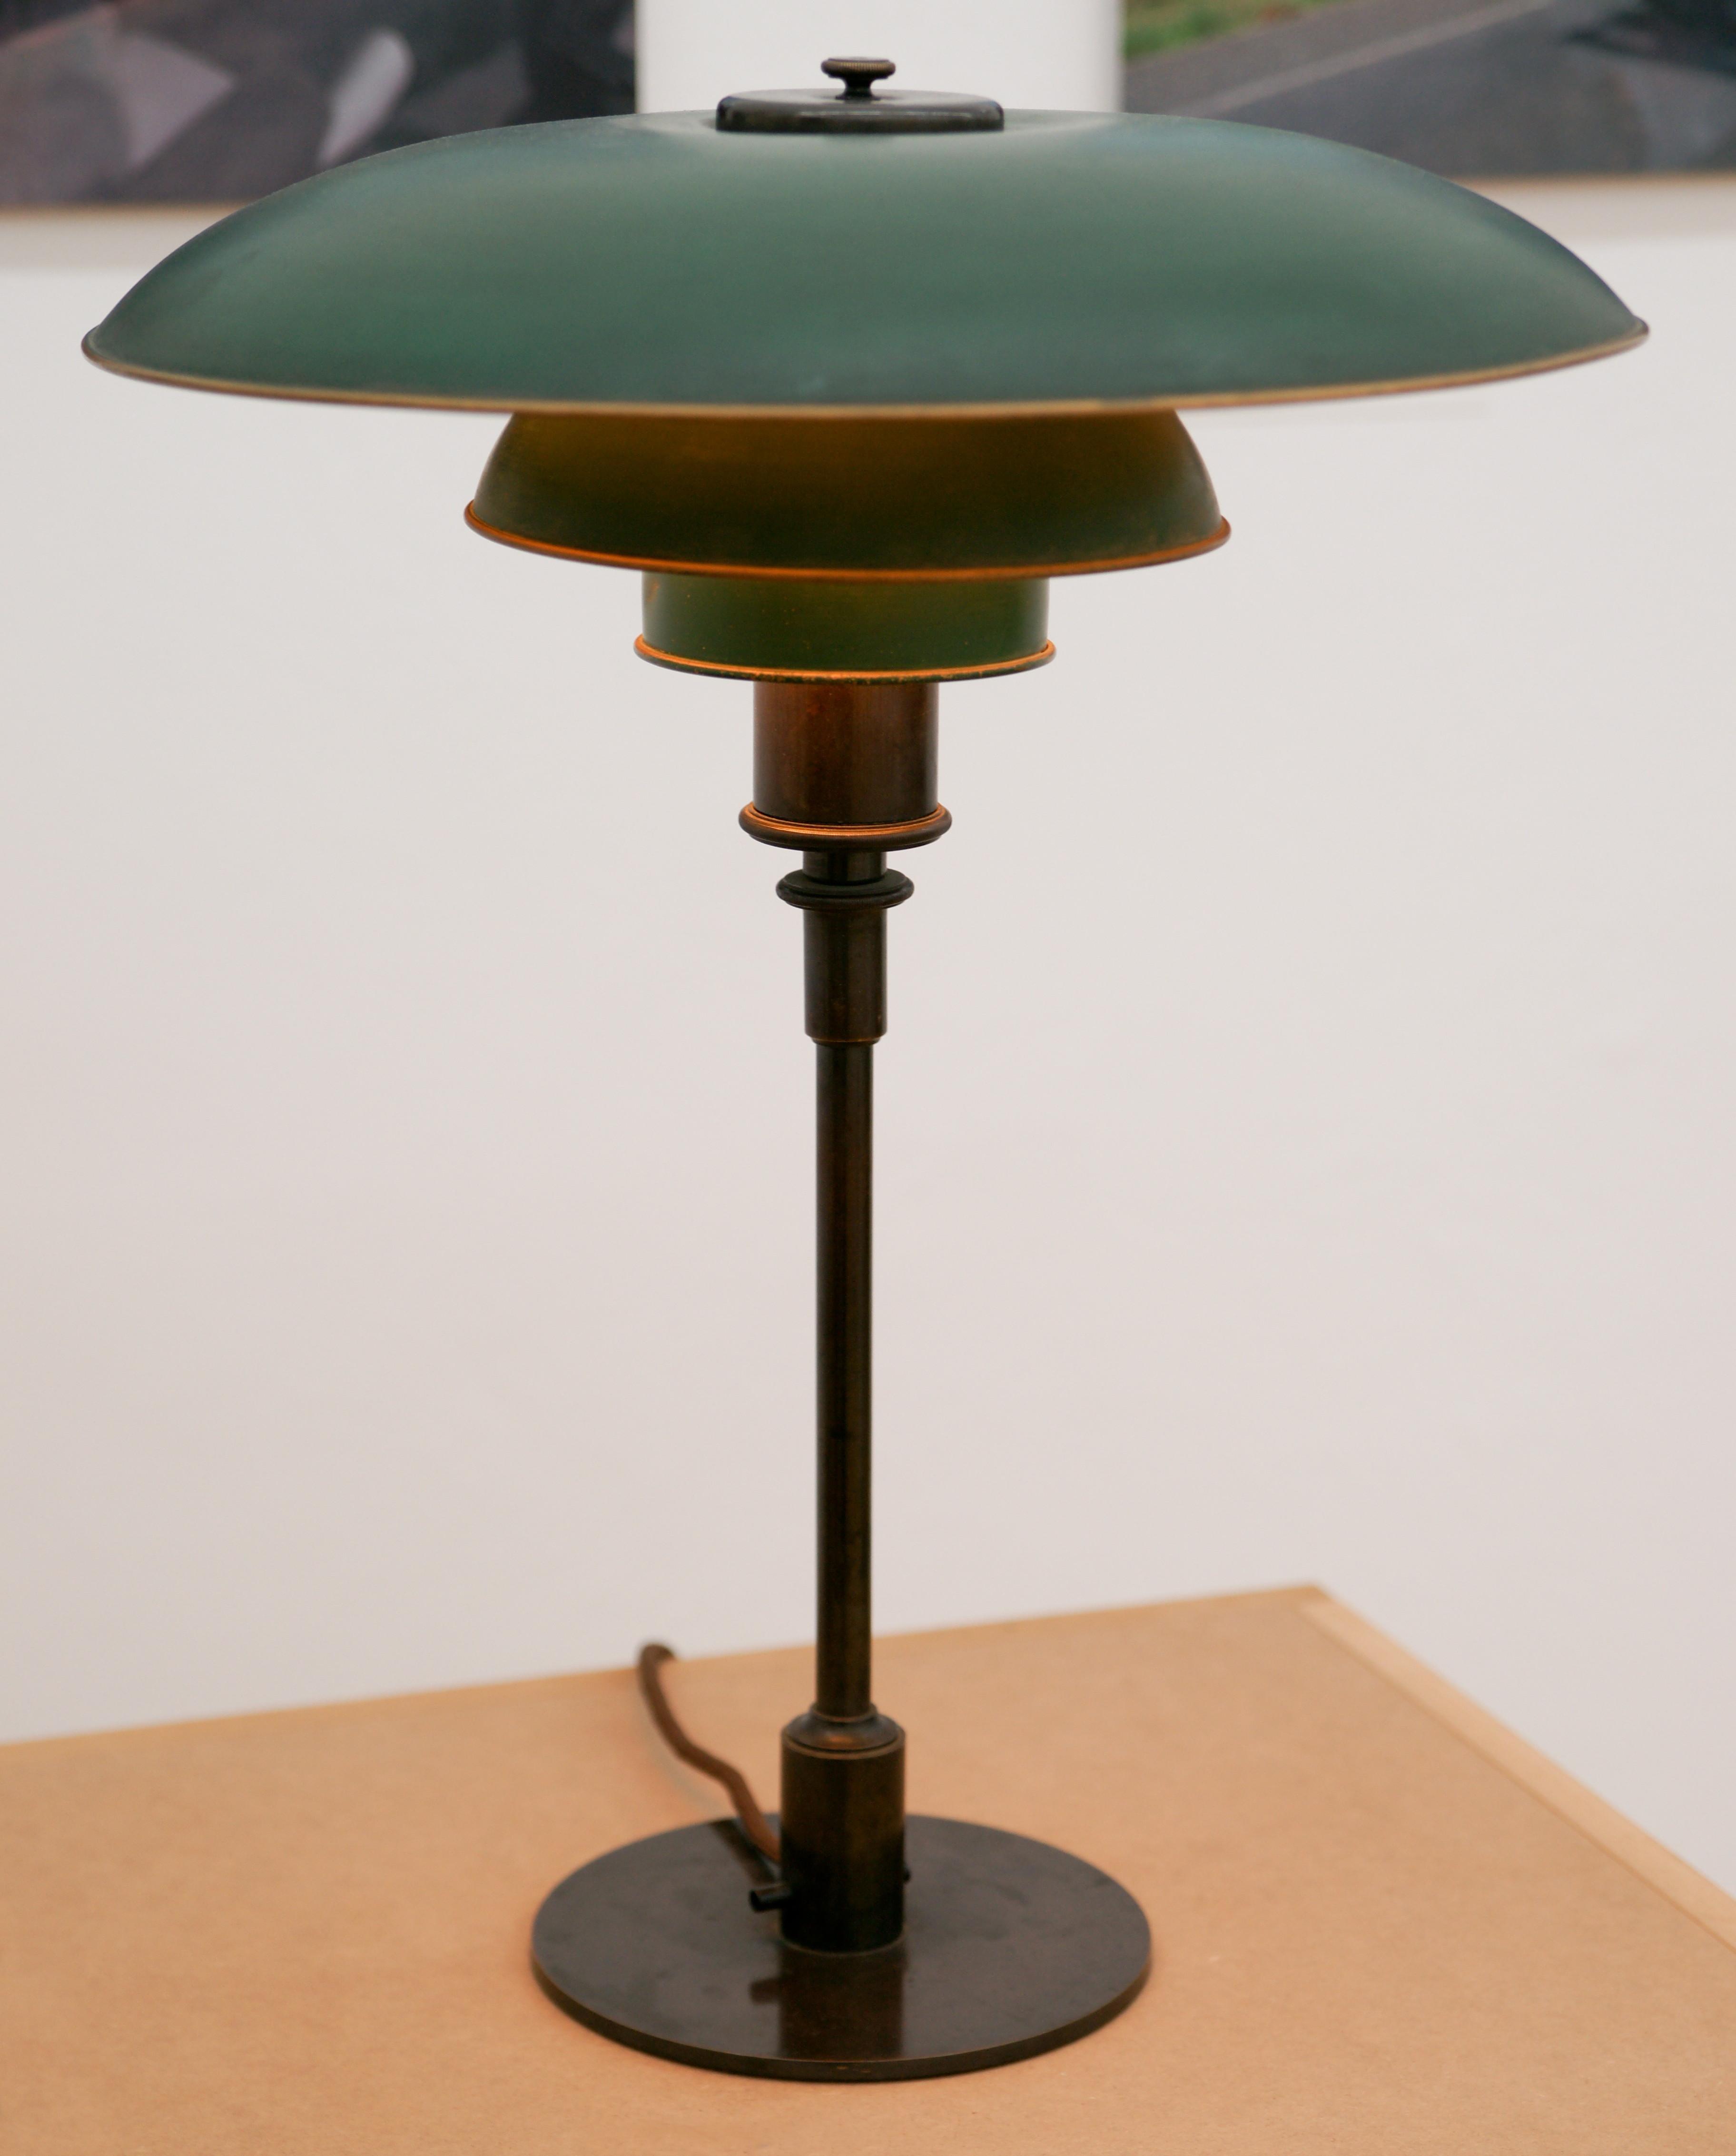 Filepoul henningsen ph 1941 lampjpg wikimedia commons for Table lamp wikipedia